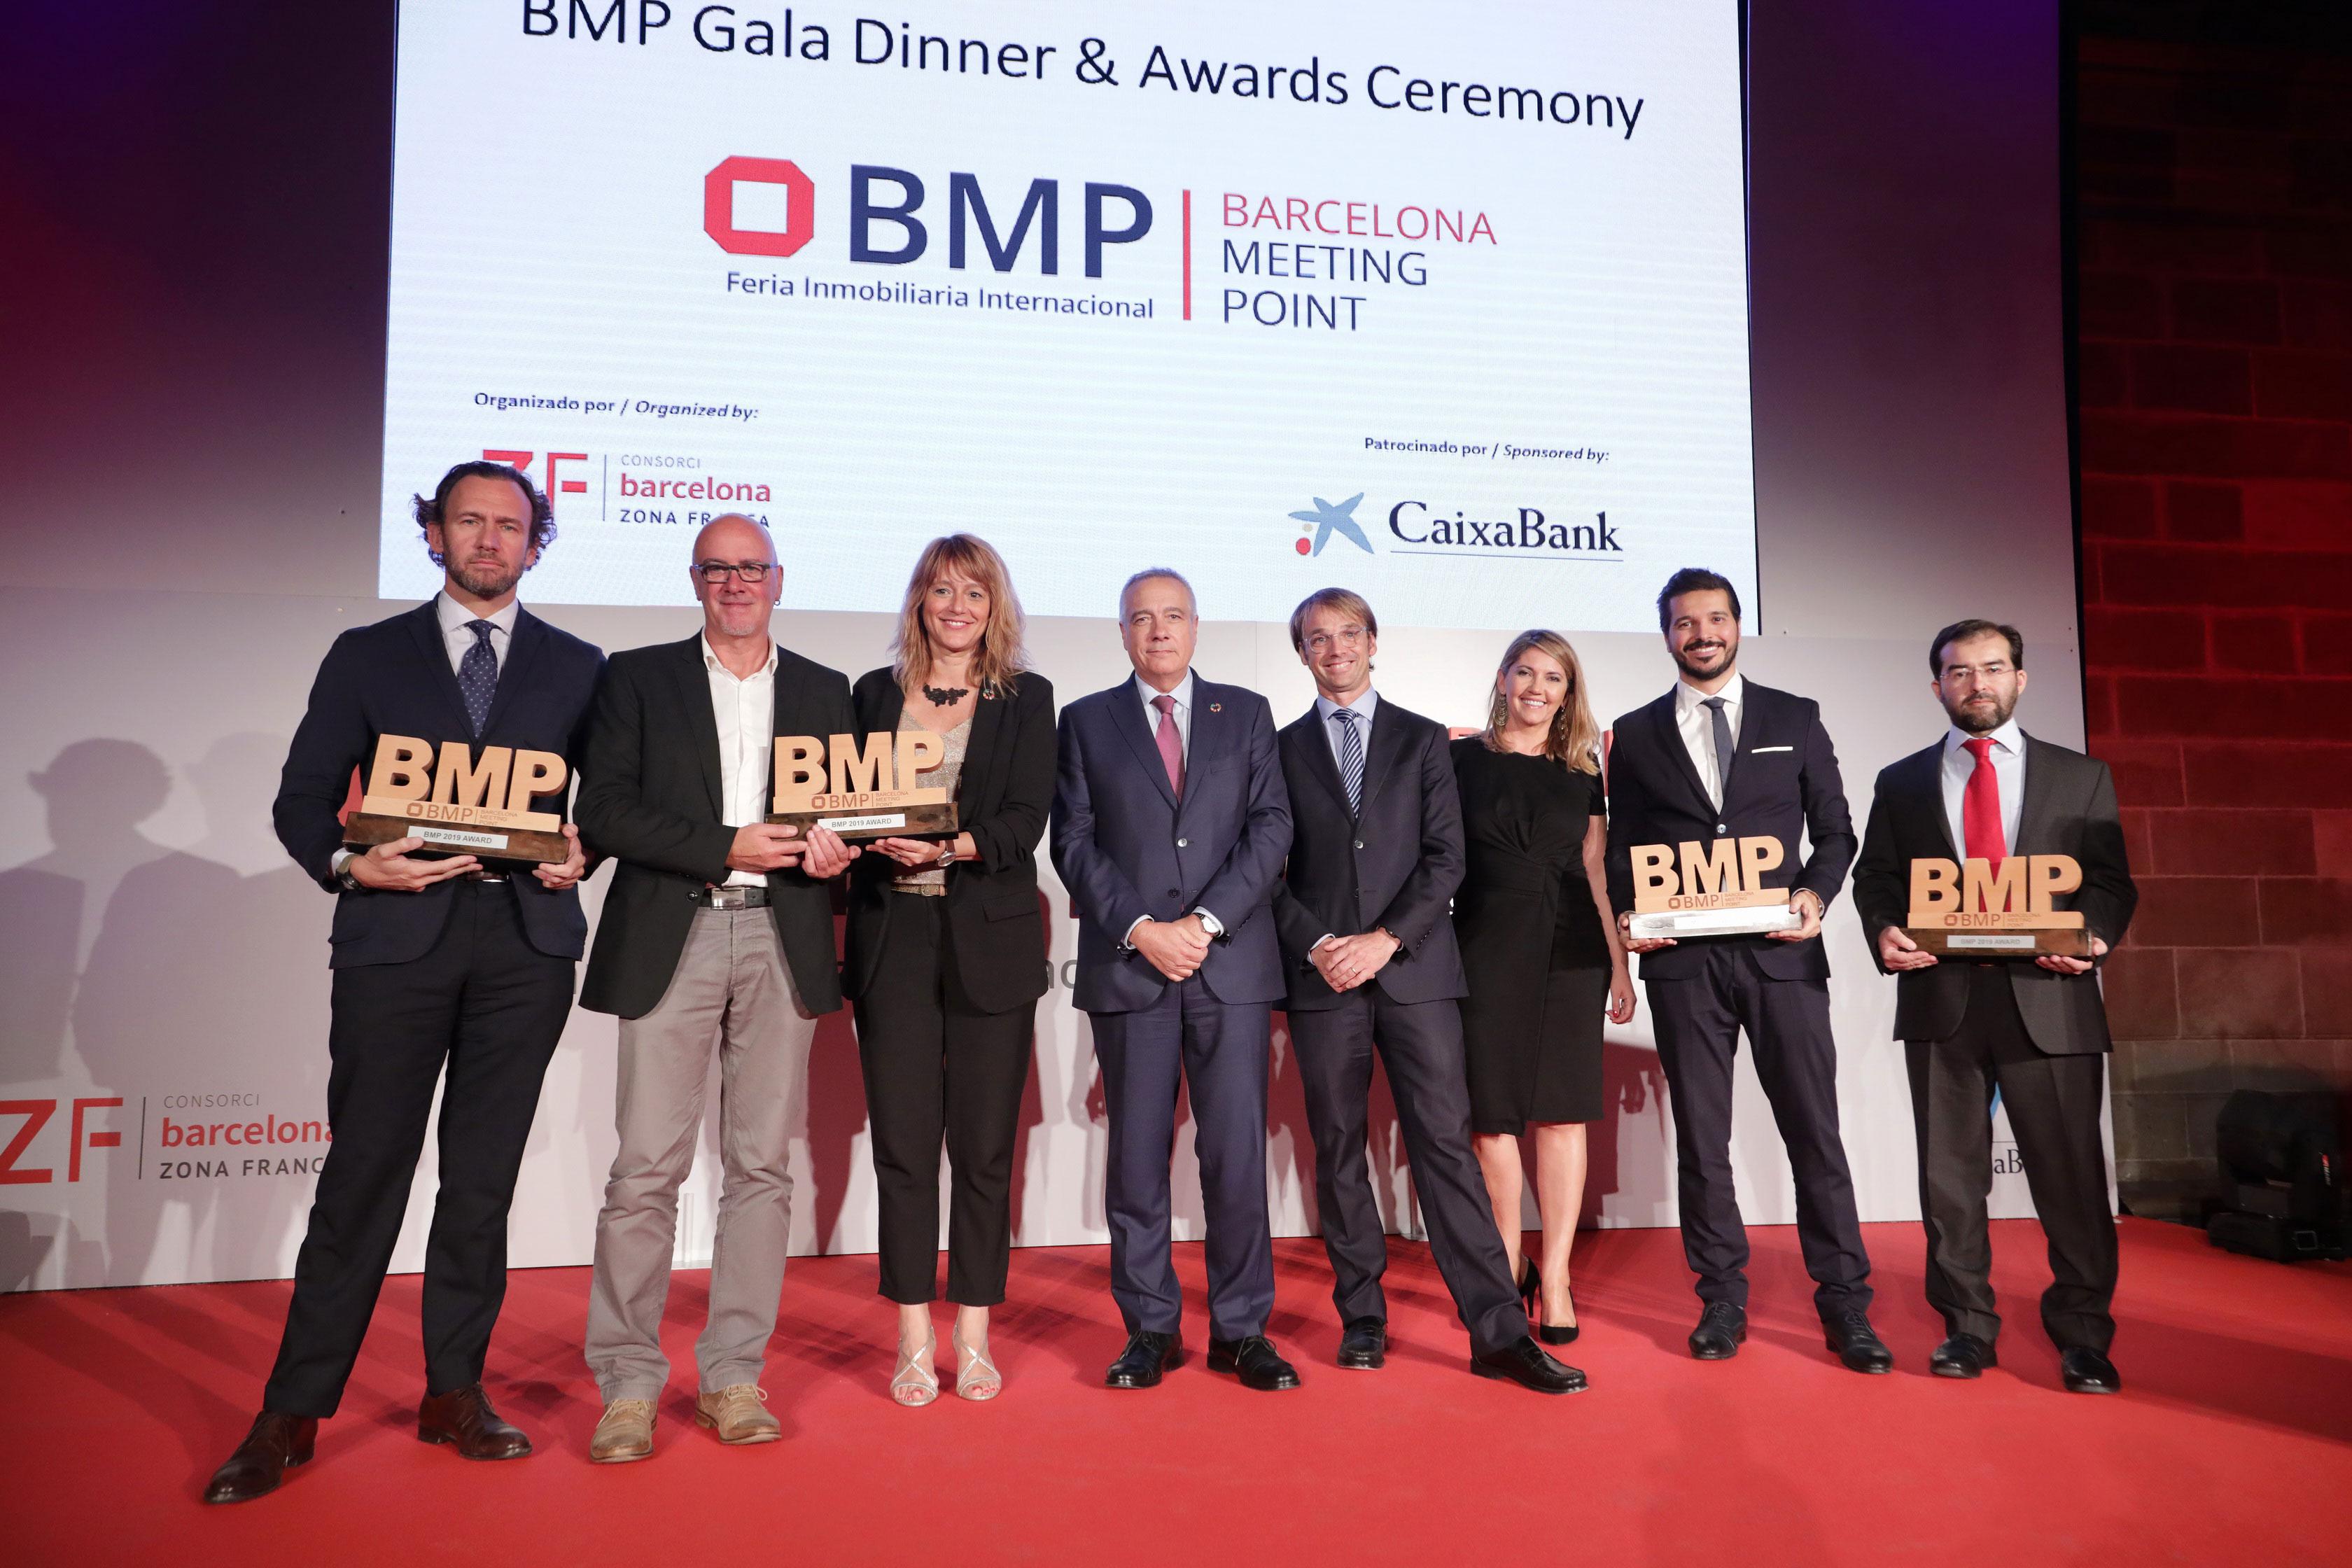 El Mercat de Sant Antoni, EL World Geen Building Council, HIP Y Mayordomo (Barcelona), Premios BMP 2019